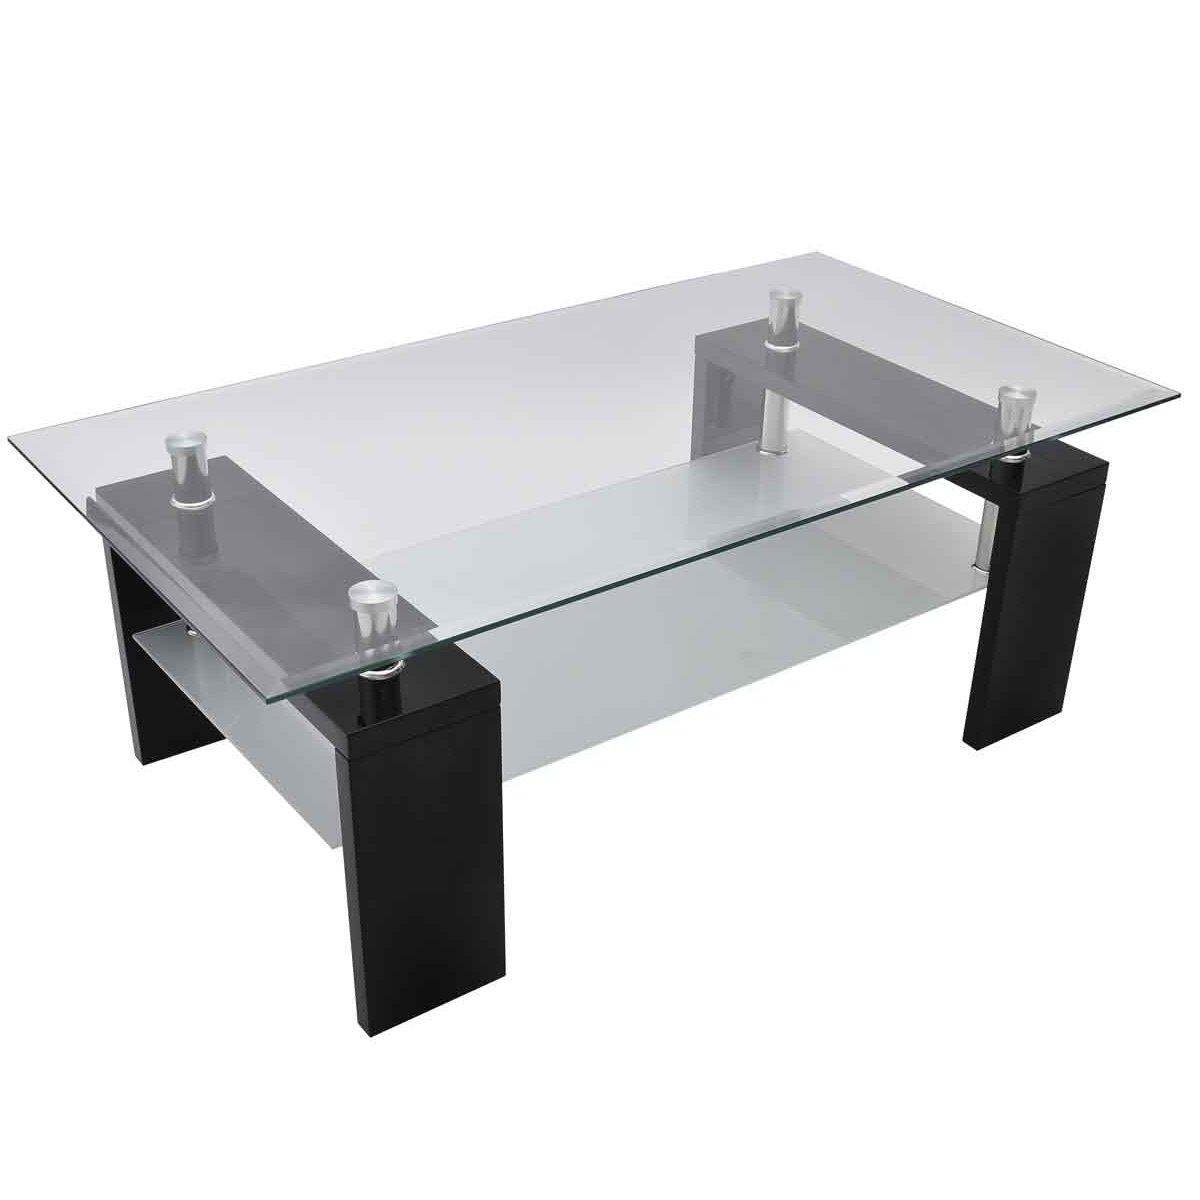 Tavolino basso da salotto quadrato in vetro nero: Amazon.it: Casa ...